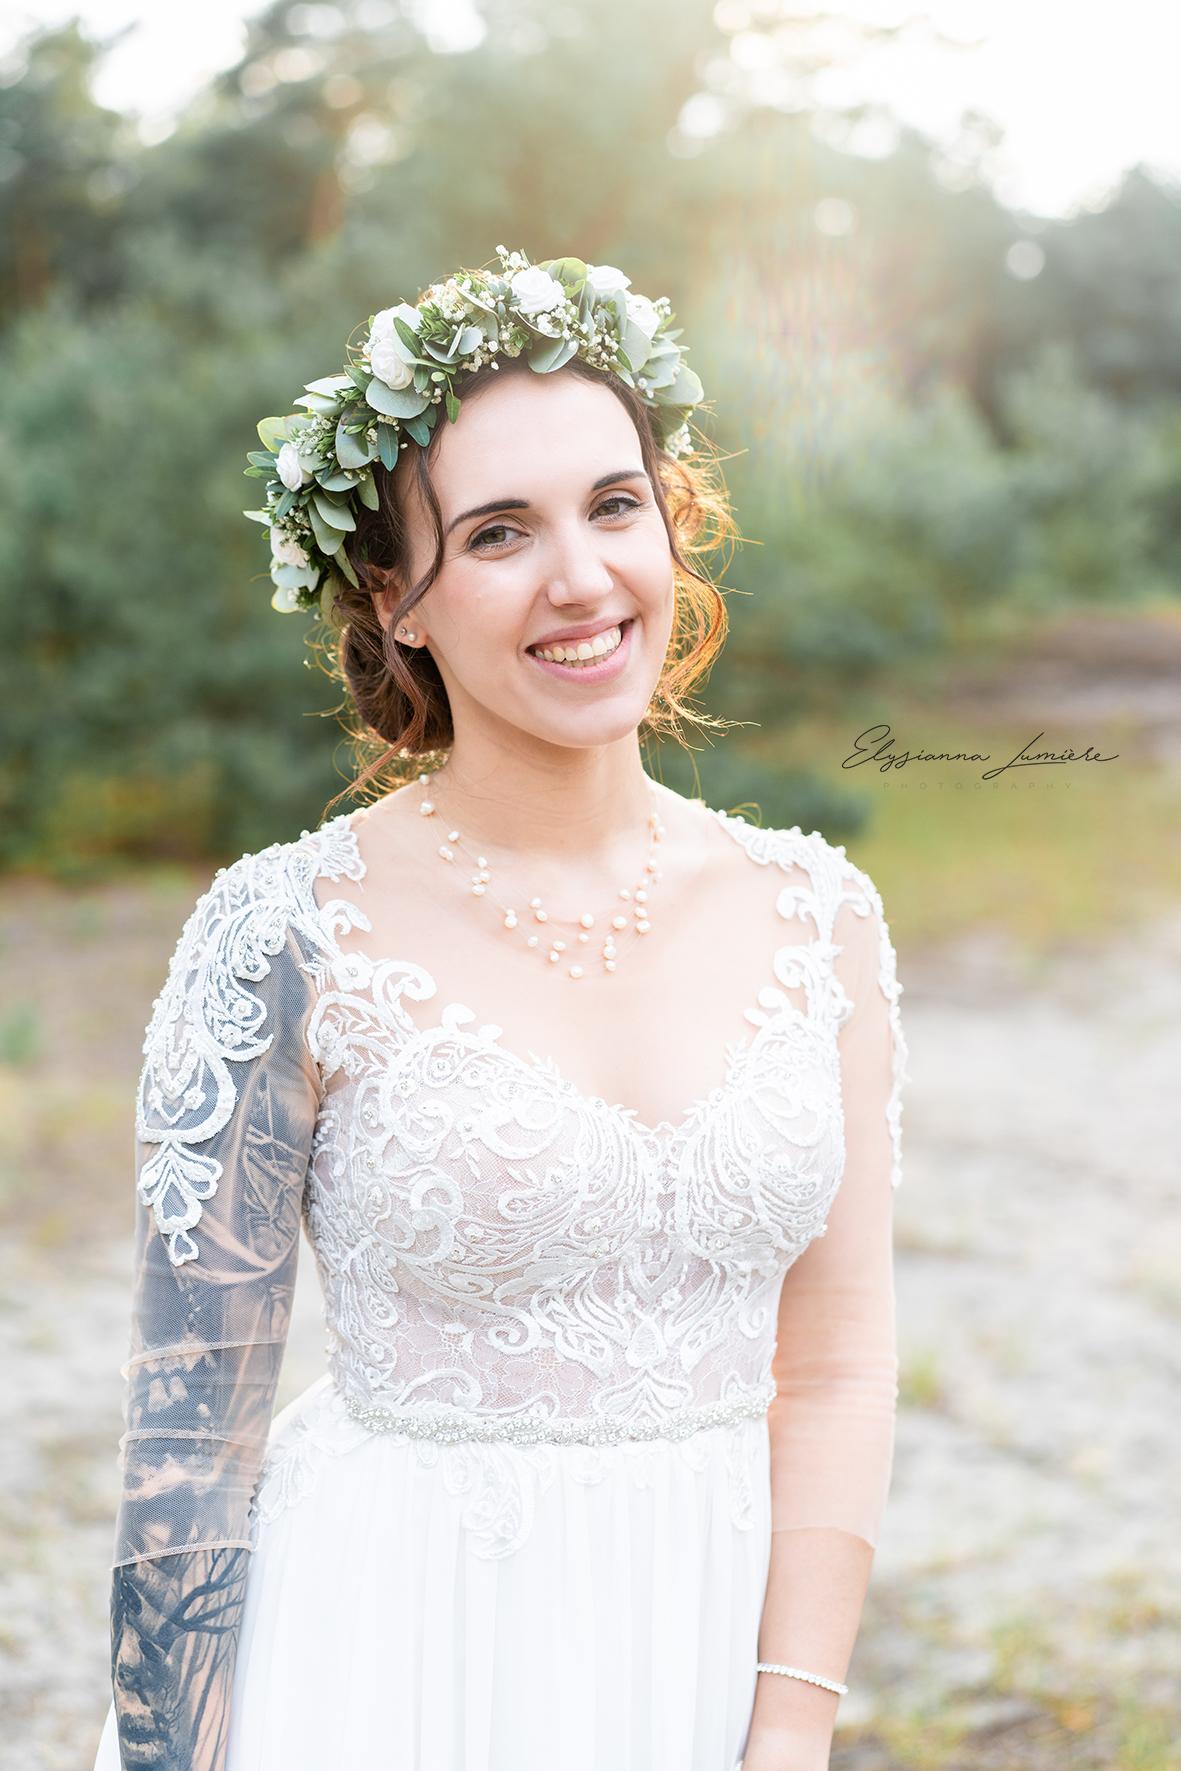 Braut mit Spitzenkleid und Blumenkranz im Sonnenuntergang